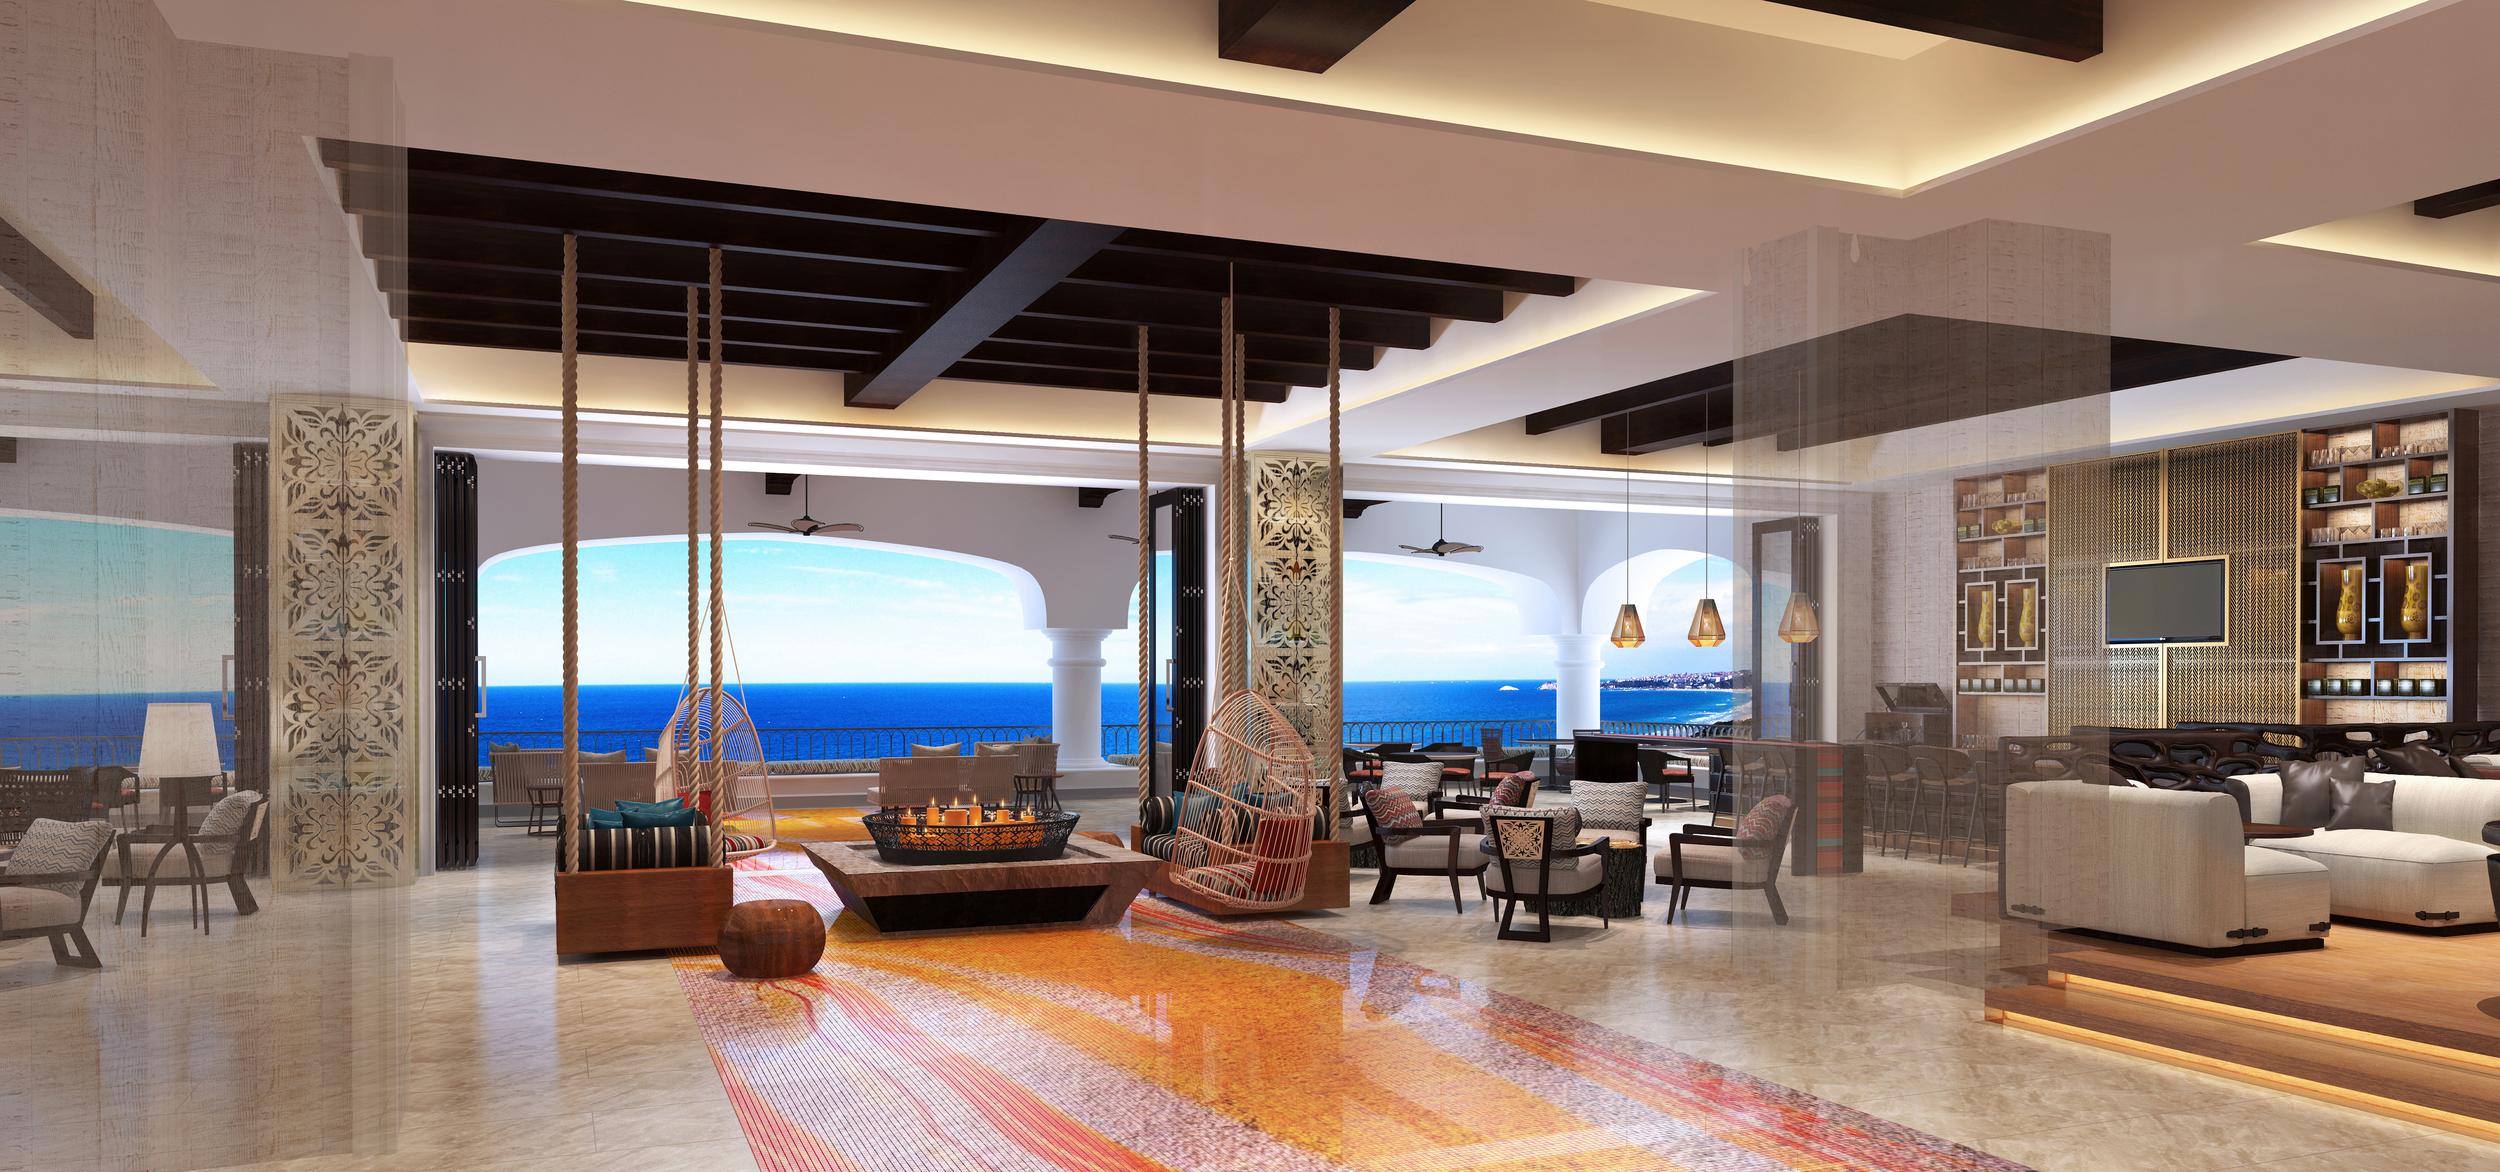 Lounge at The Hilton at Los Cabos